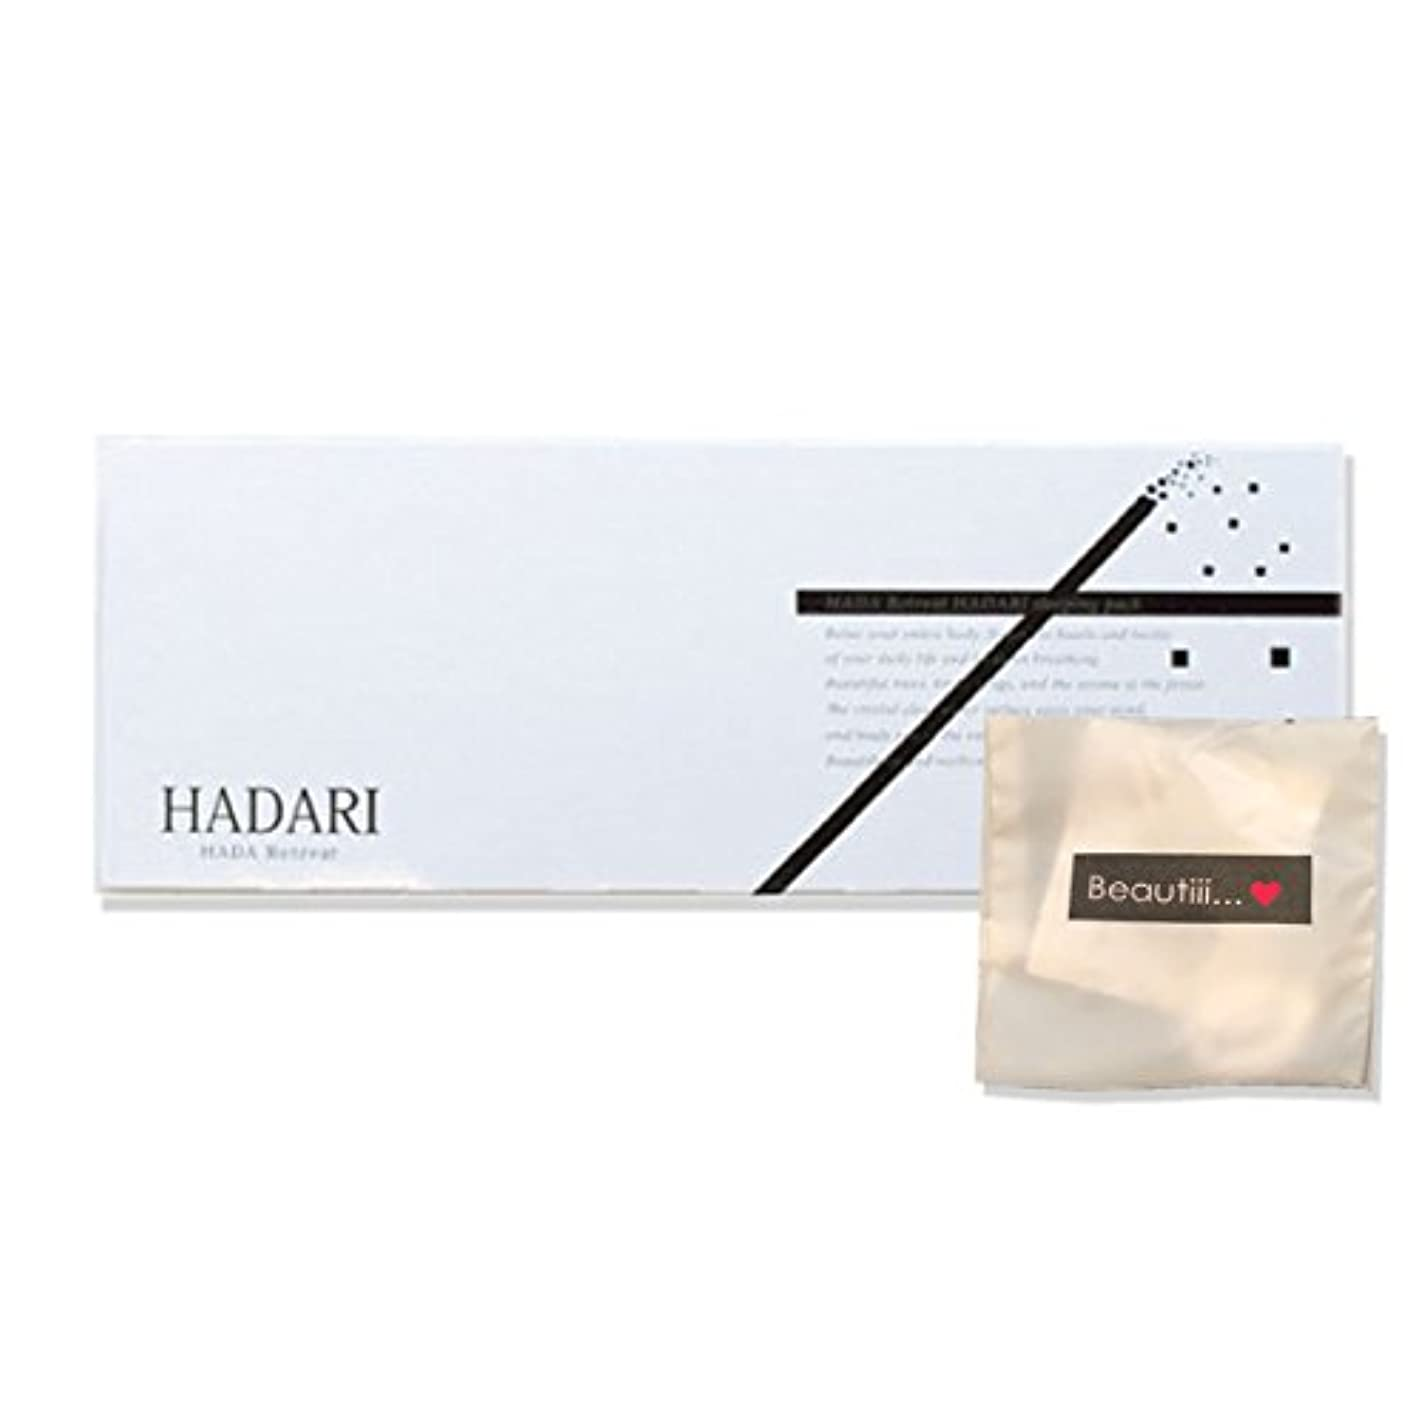 に関して狂乱方言HADARI はだり 高級オールインワンパッククリーム 1箱 SNSで話題 大人気!!